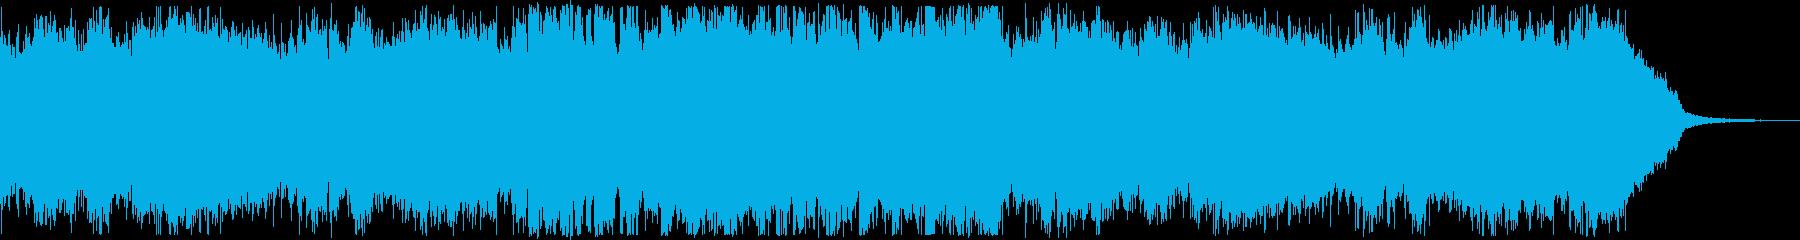 オープニング・おしゃれな洋楽EDMの再生済みの波形